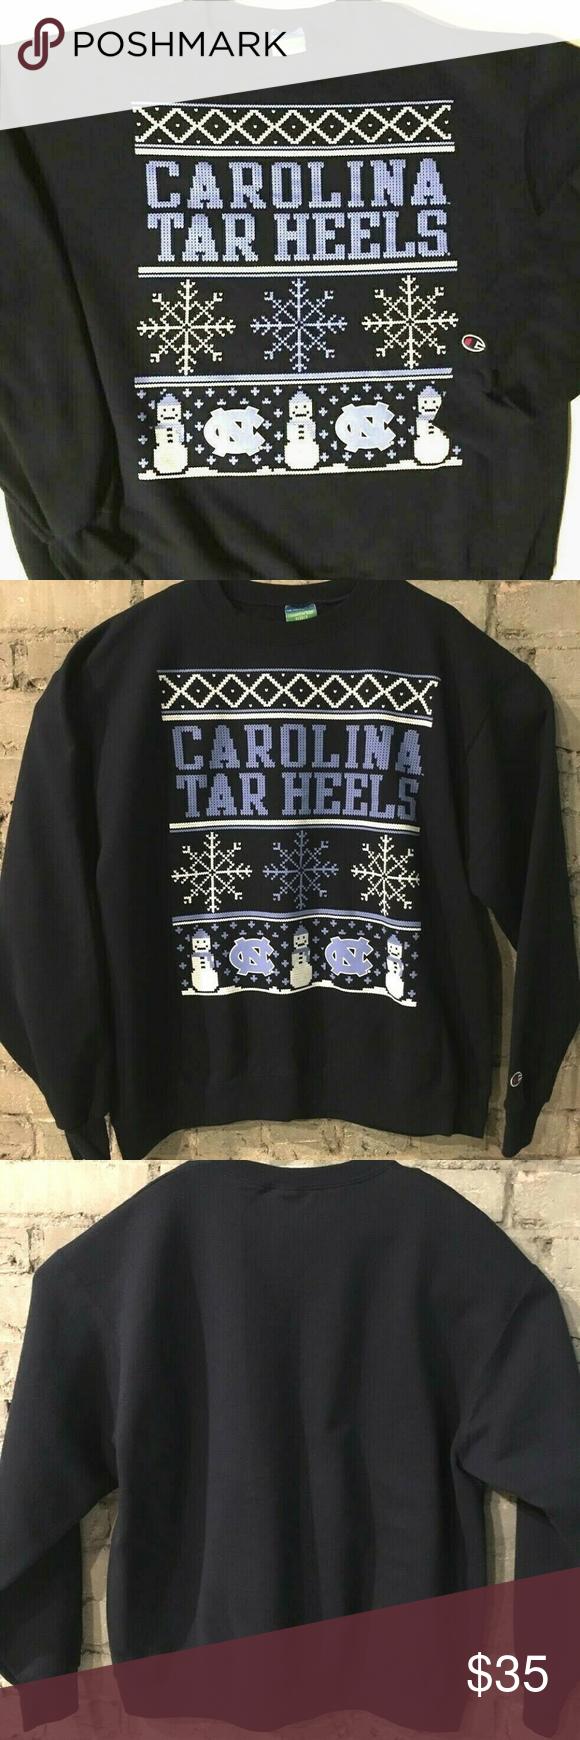 Unc Tar Heels Champion Eco Fleece Sweatshirt Sz Xl Sweatshirt Fleece Sweatshirts Champion Shirts [ 1740 x 580 Pixel ]